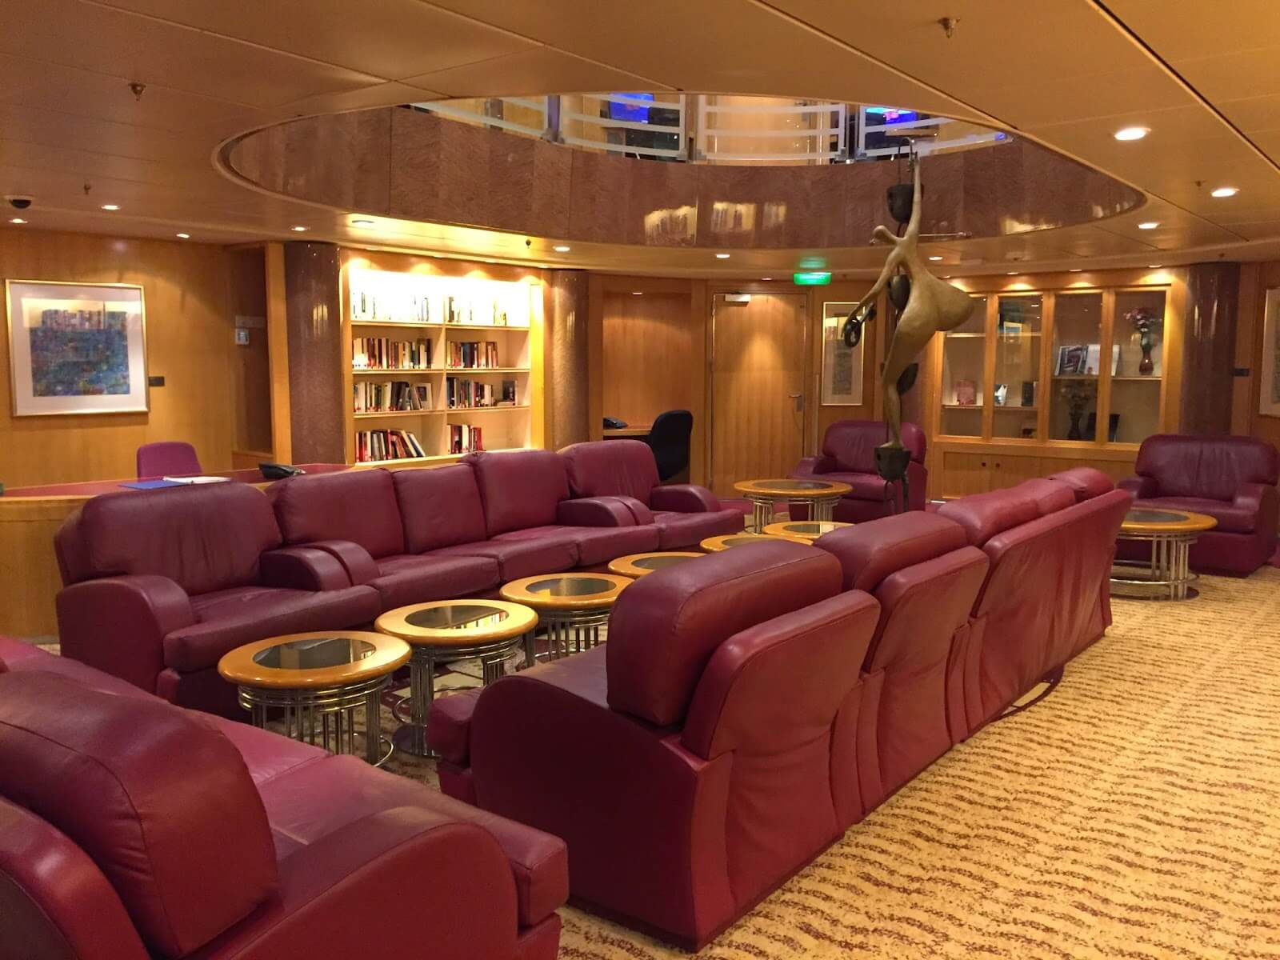 Круизный лайнер Adventure of the Seas - Библиотека (Library)